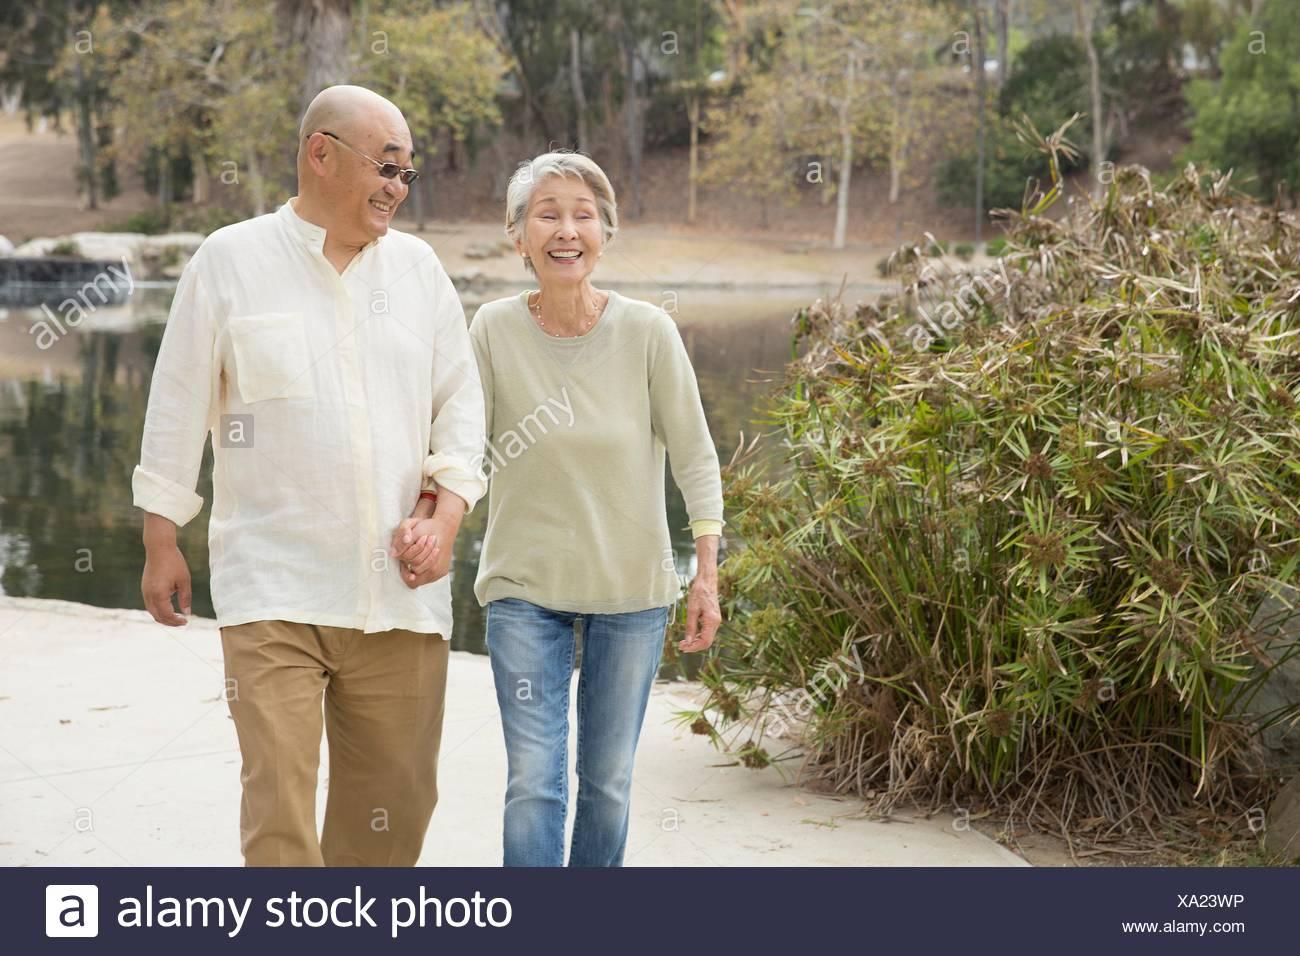 Las parejas ancianas caminando a lo largo de vía, tomados de las manos, riendo Imagen De Stock